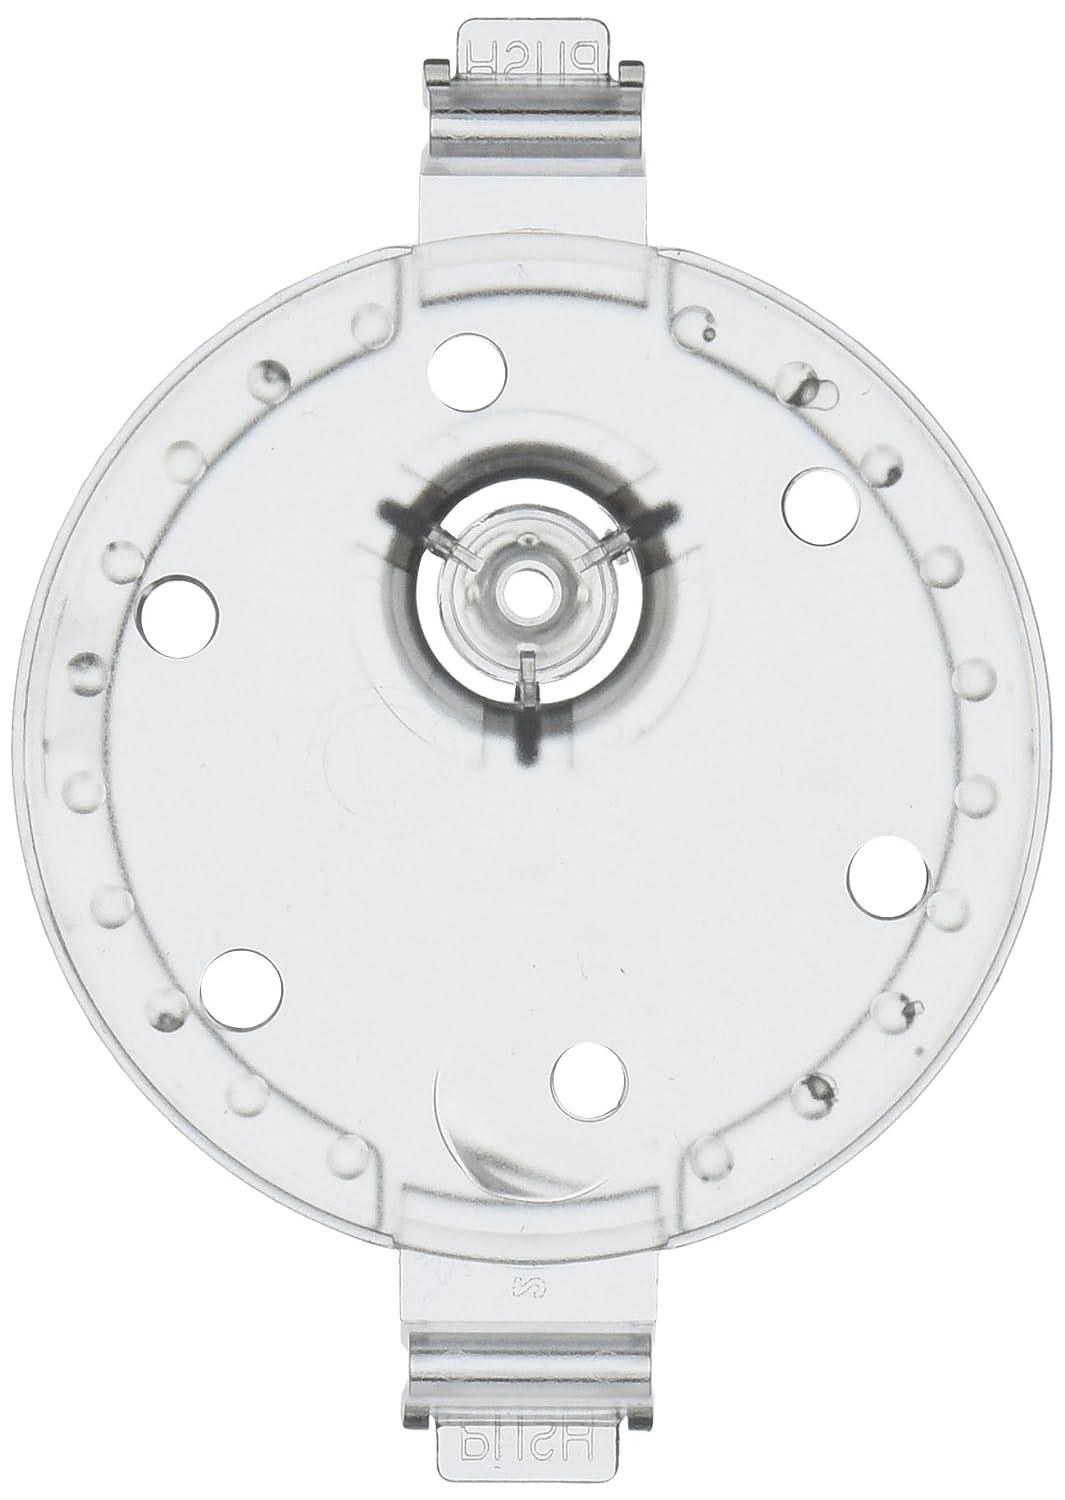 ストレートファンブレード付きインペラー用Fluval Hagenインペラーカバー204/205 B000MC2S1A